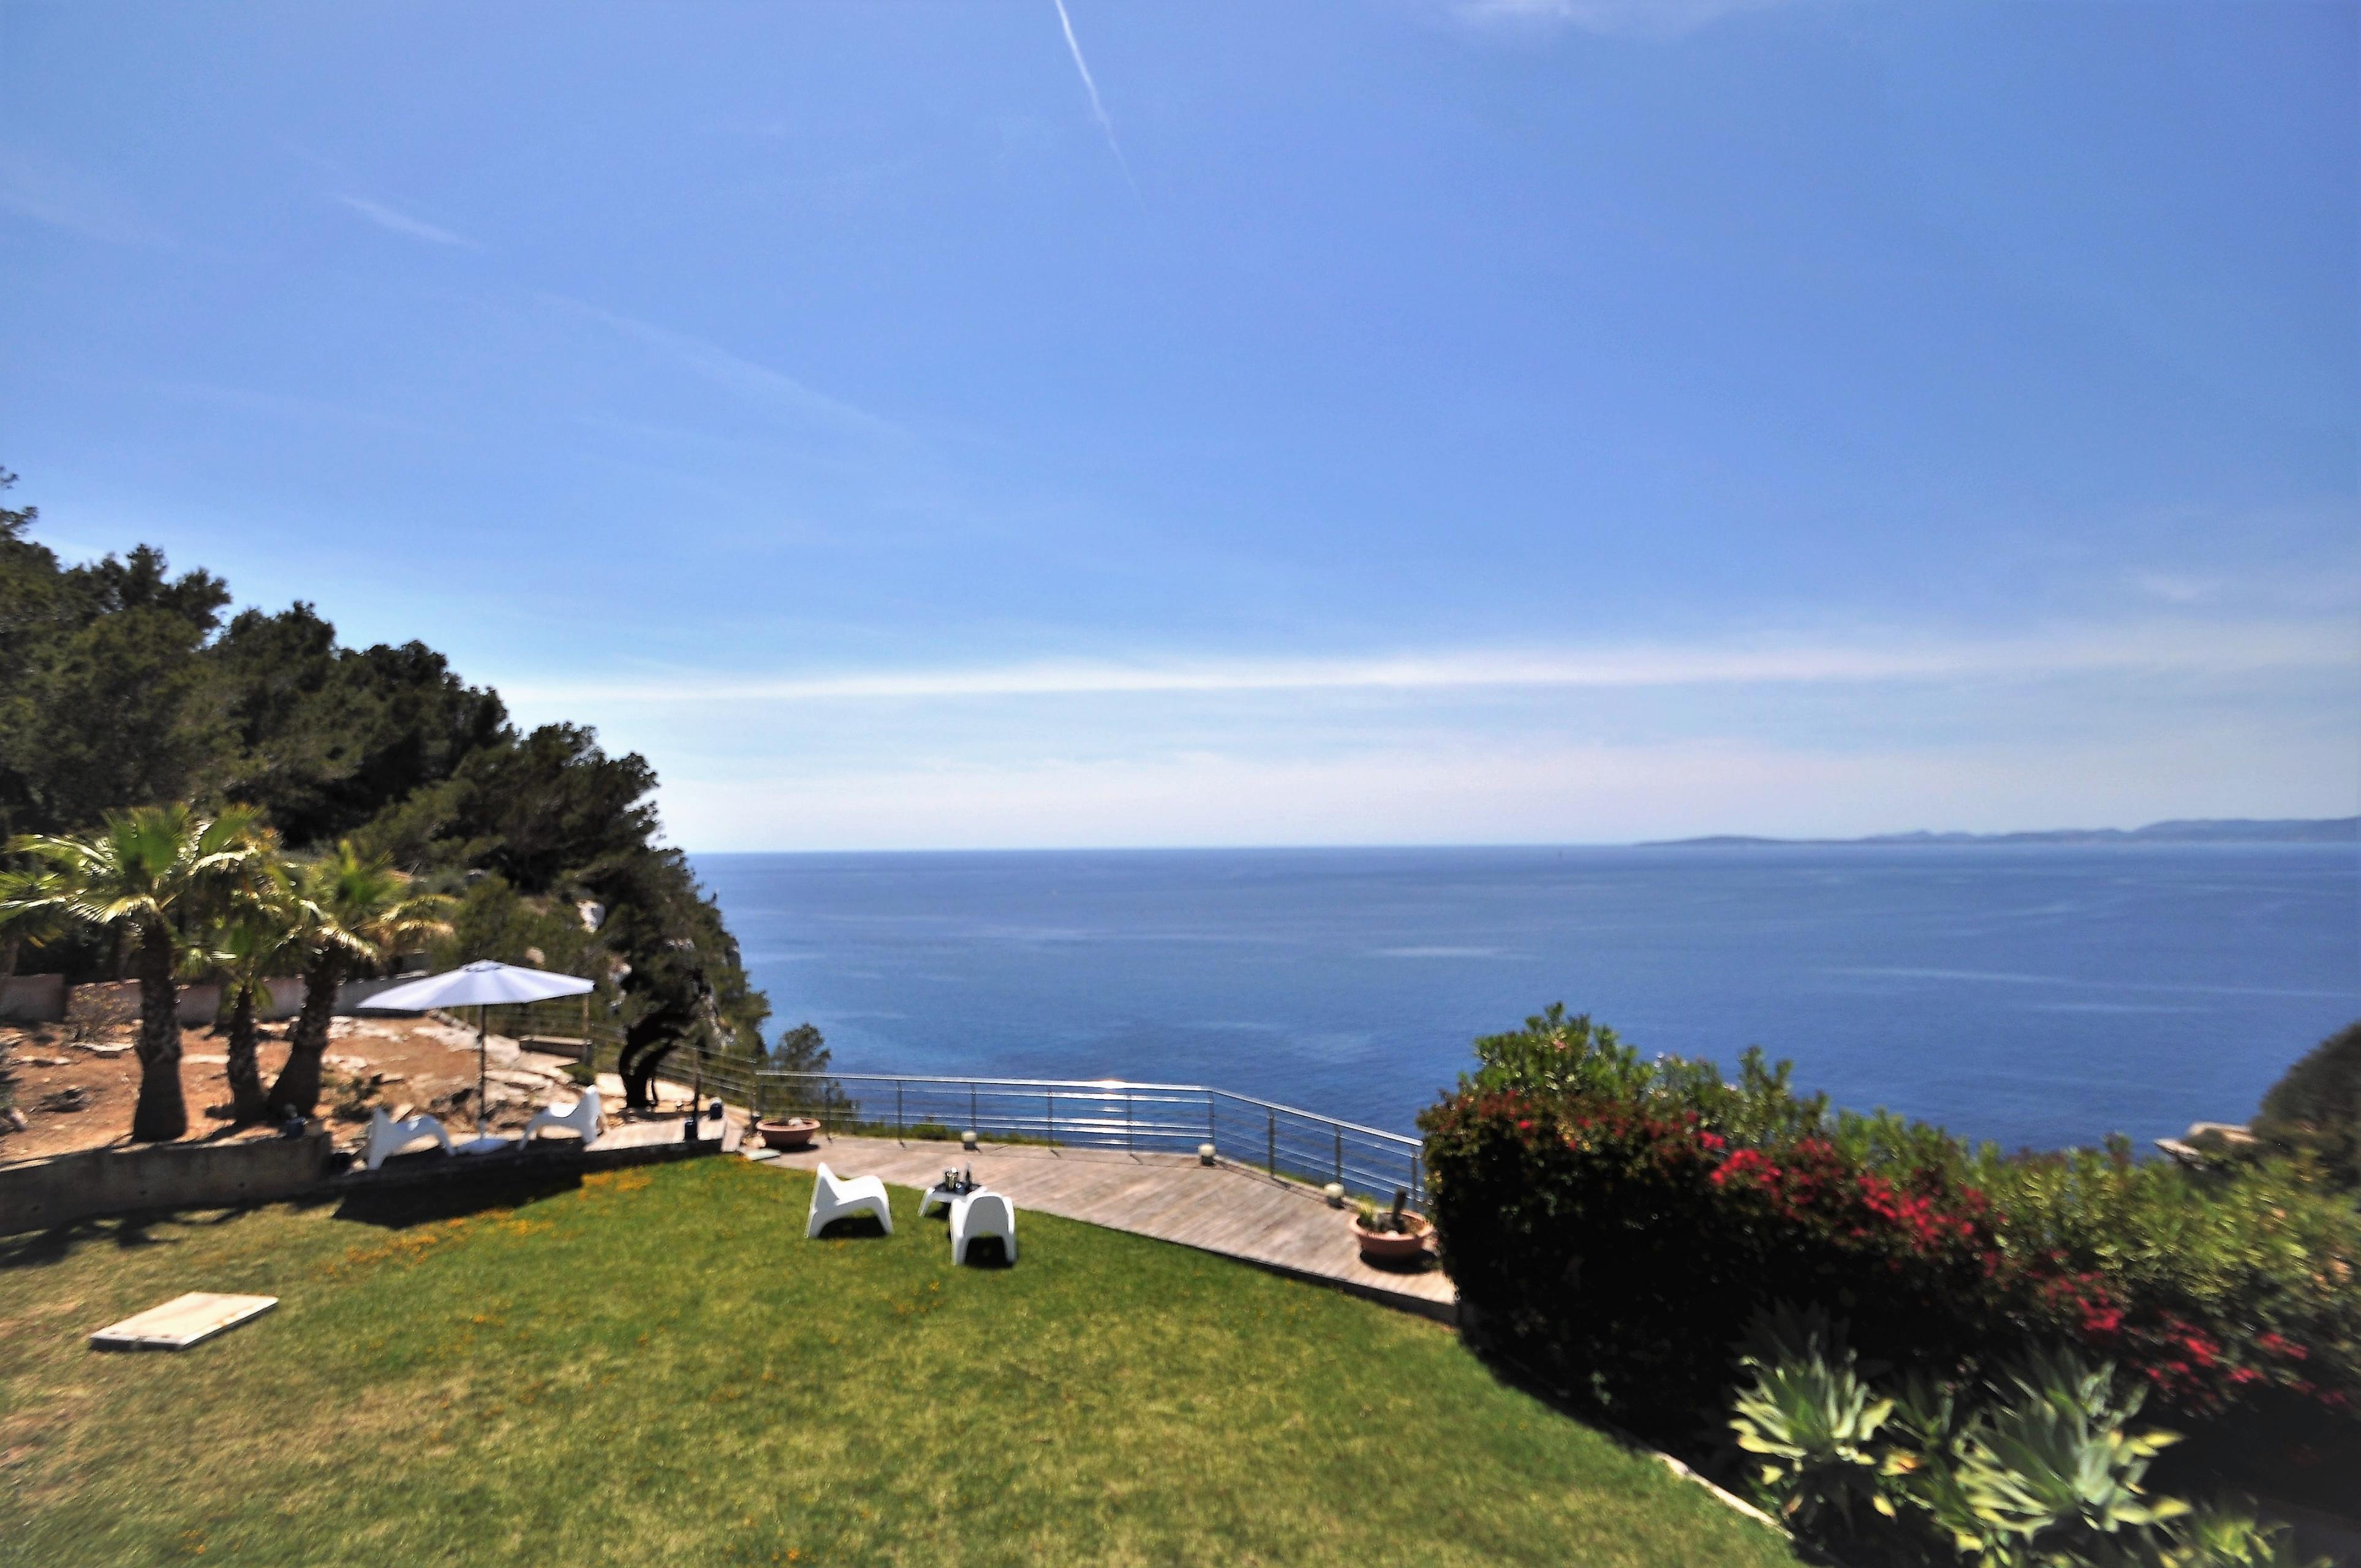 Maison de vacances VILLA BAY BLUE- Bahia Azul- Mallorca - VILLAONLINE - Kostenloses WLAN (2684052), Bahia Azul, Majorque, Iles Baléares, Espagne, image 51